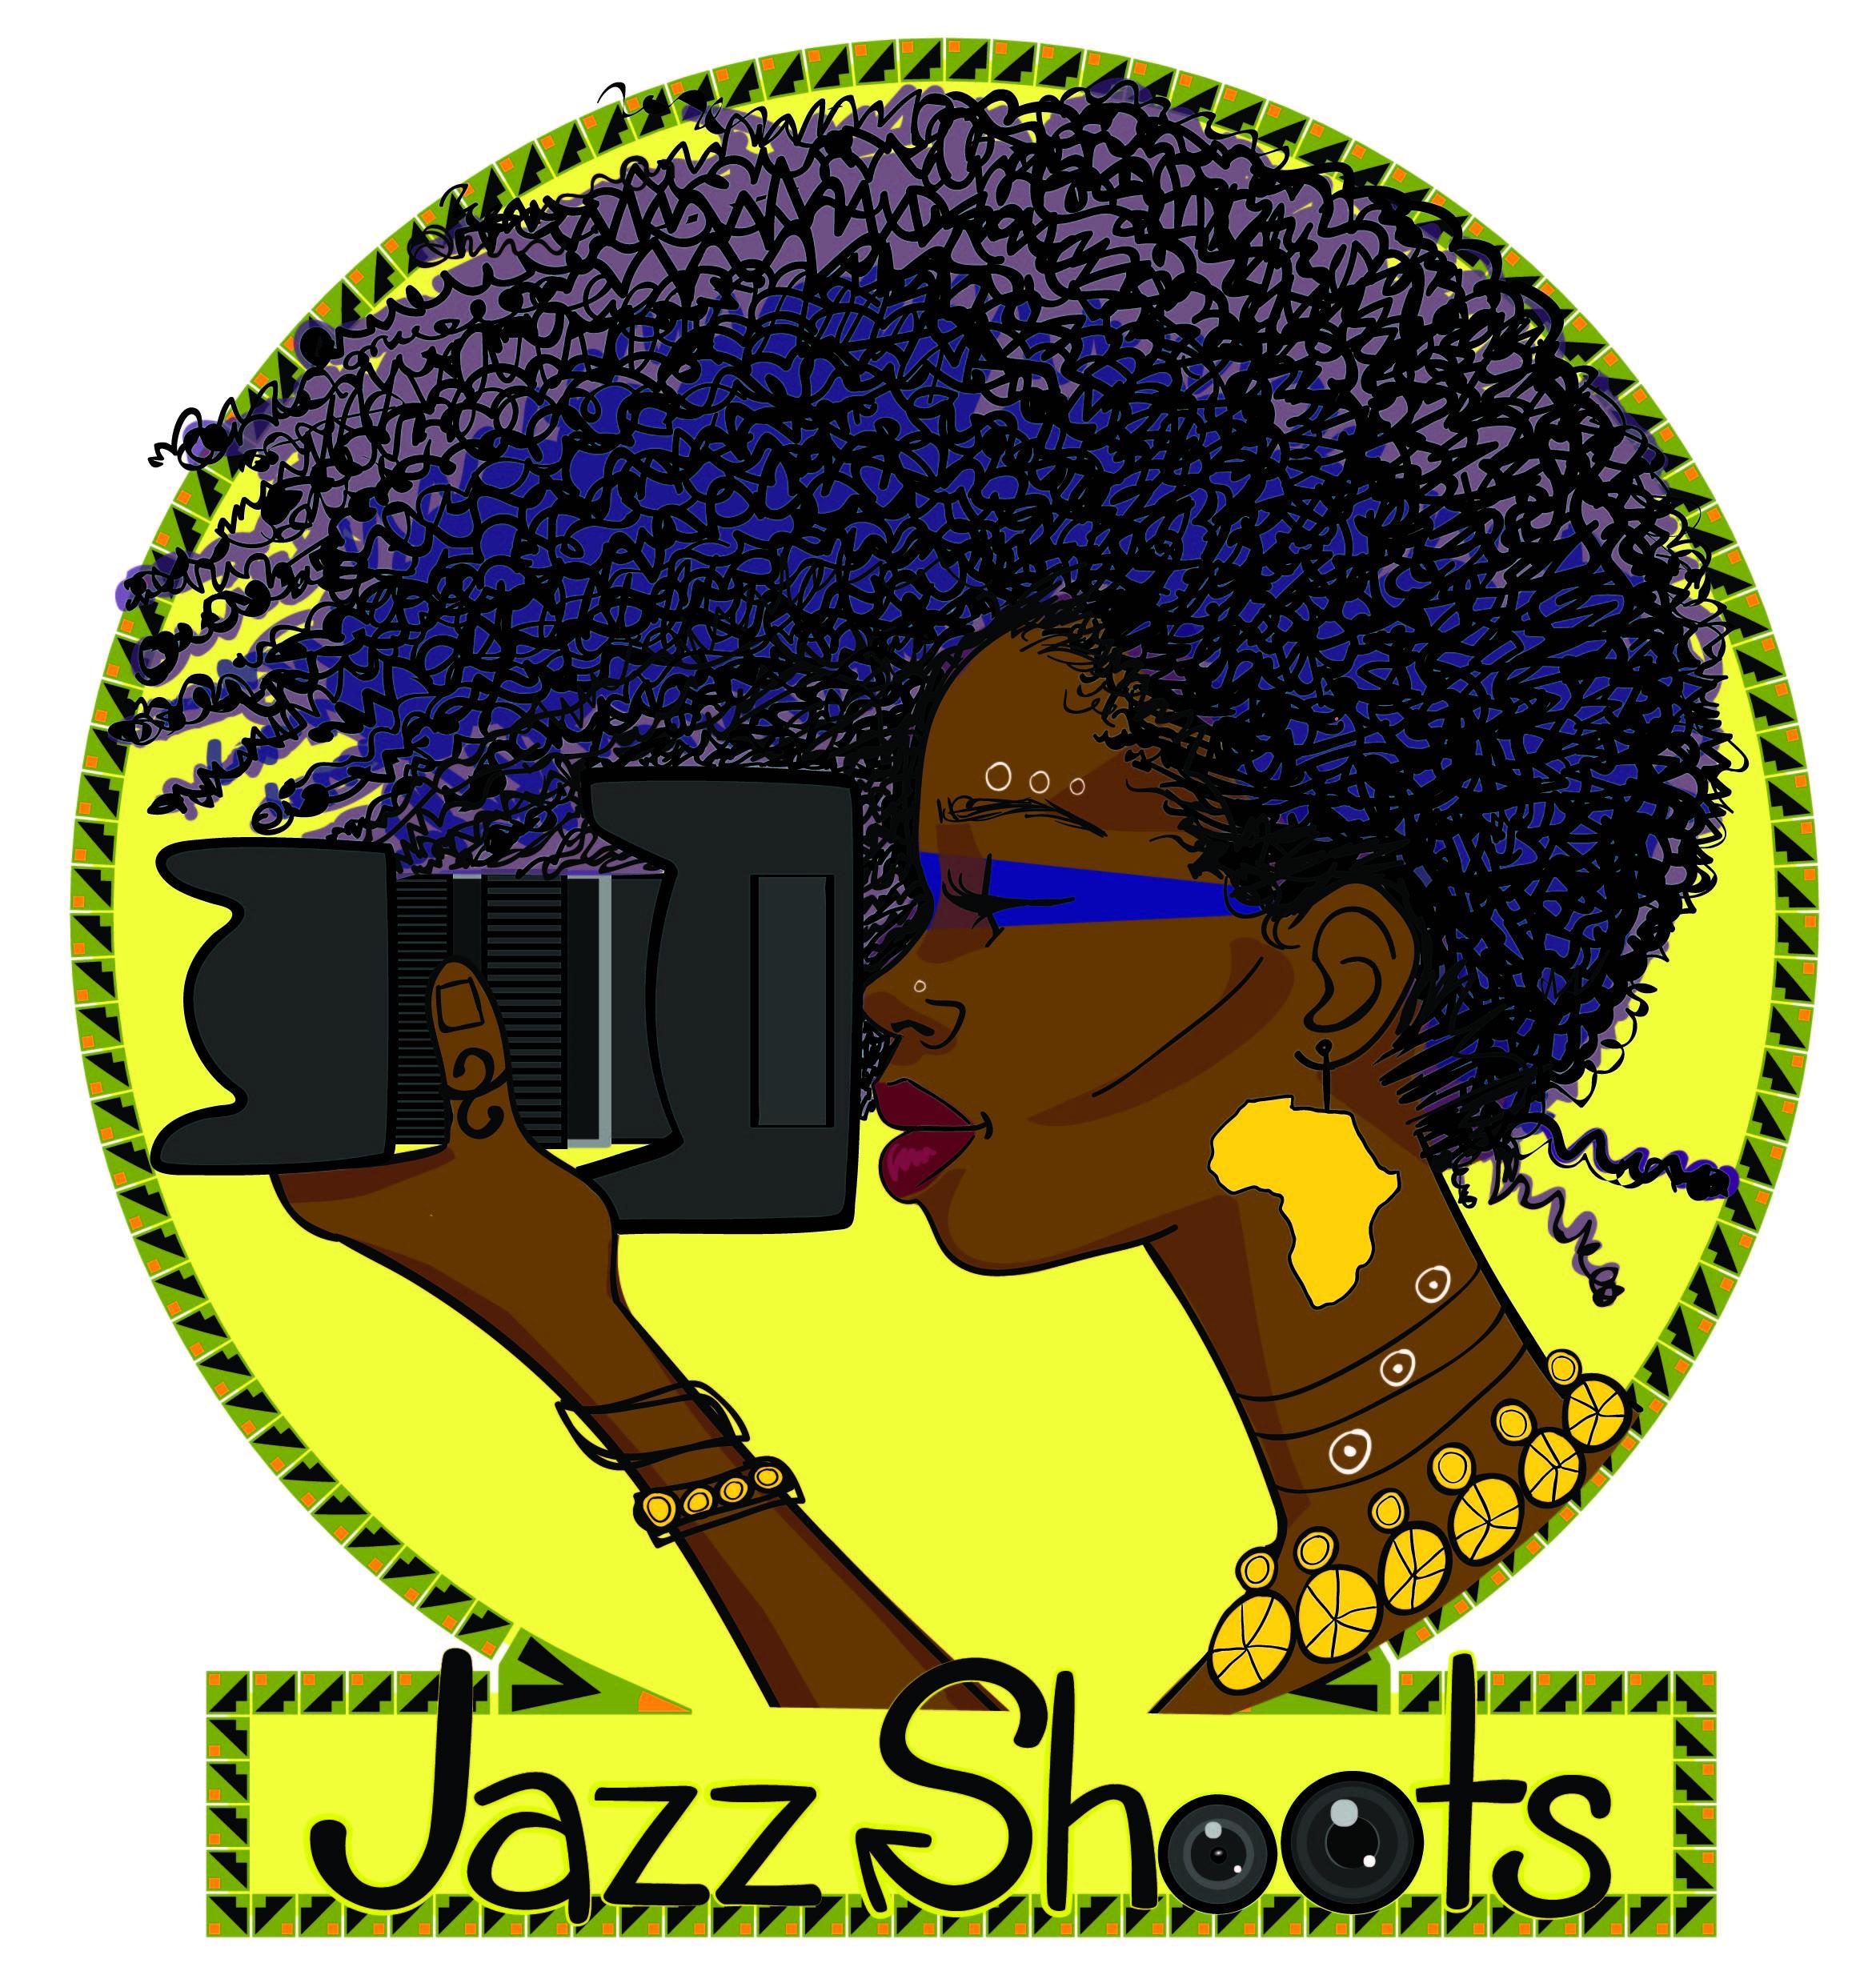 jazzshootslargefile.jpg